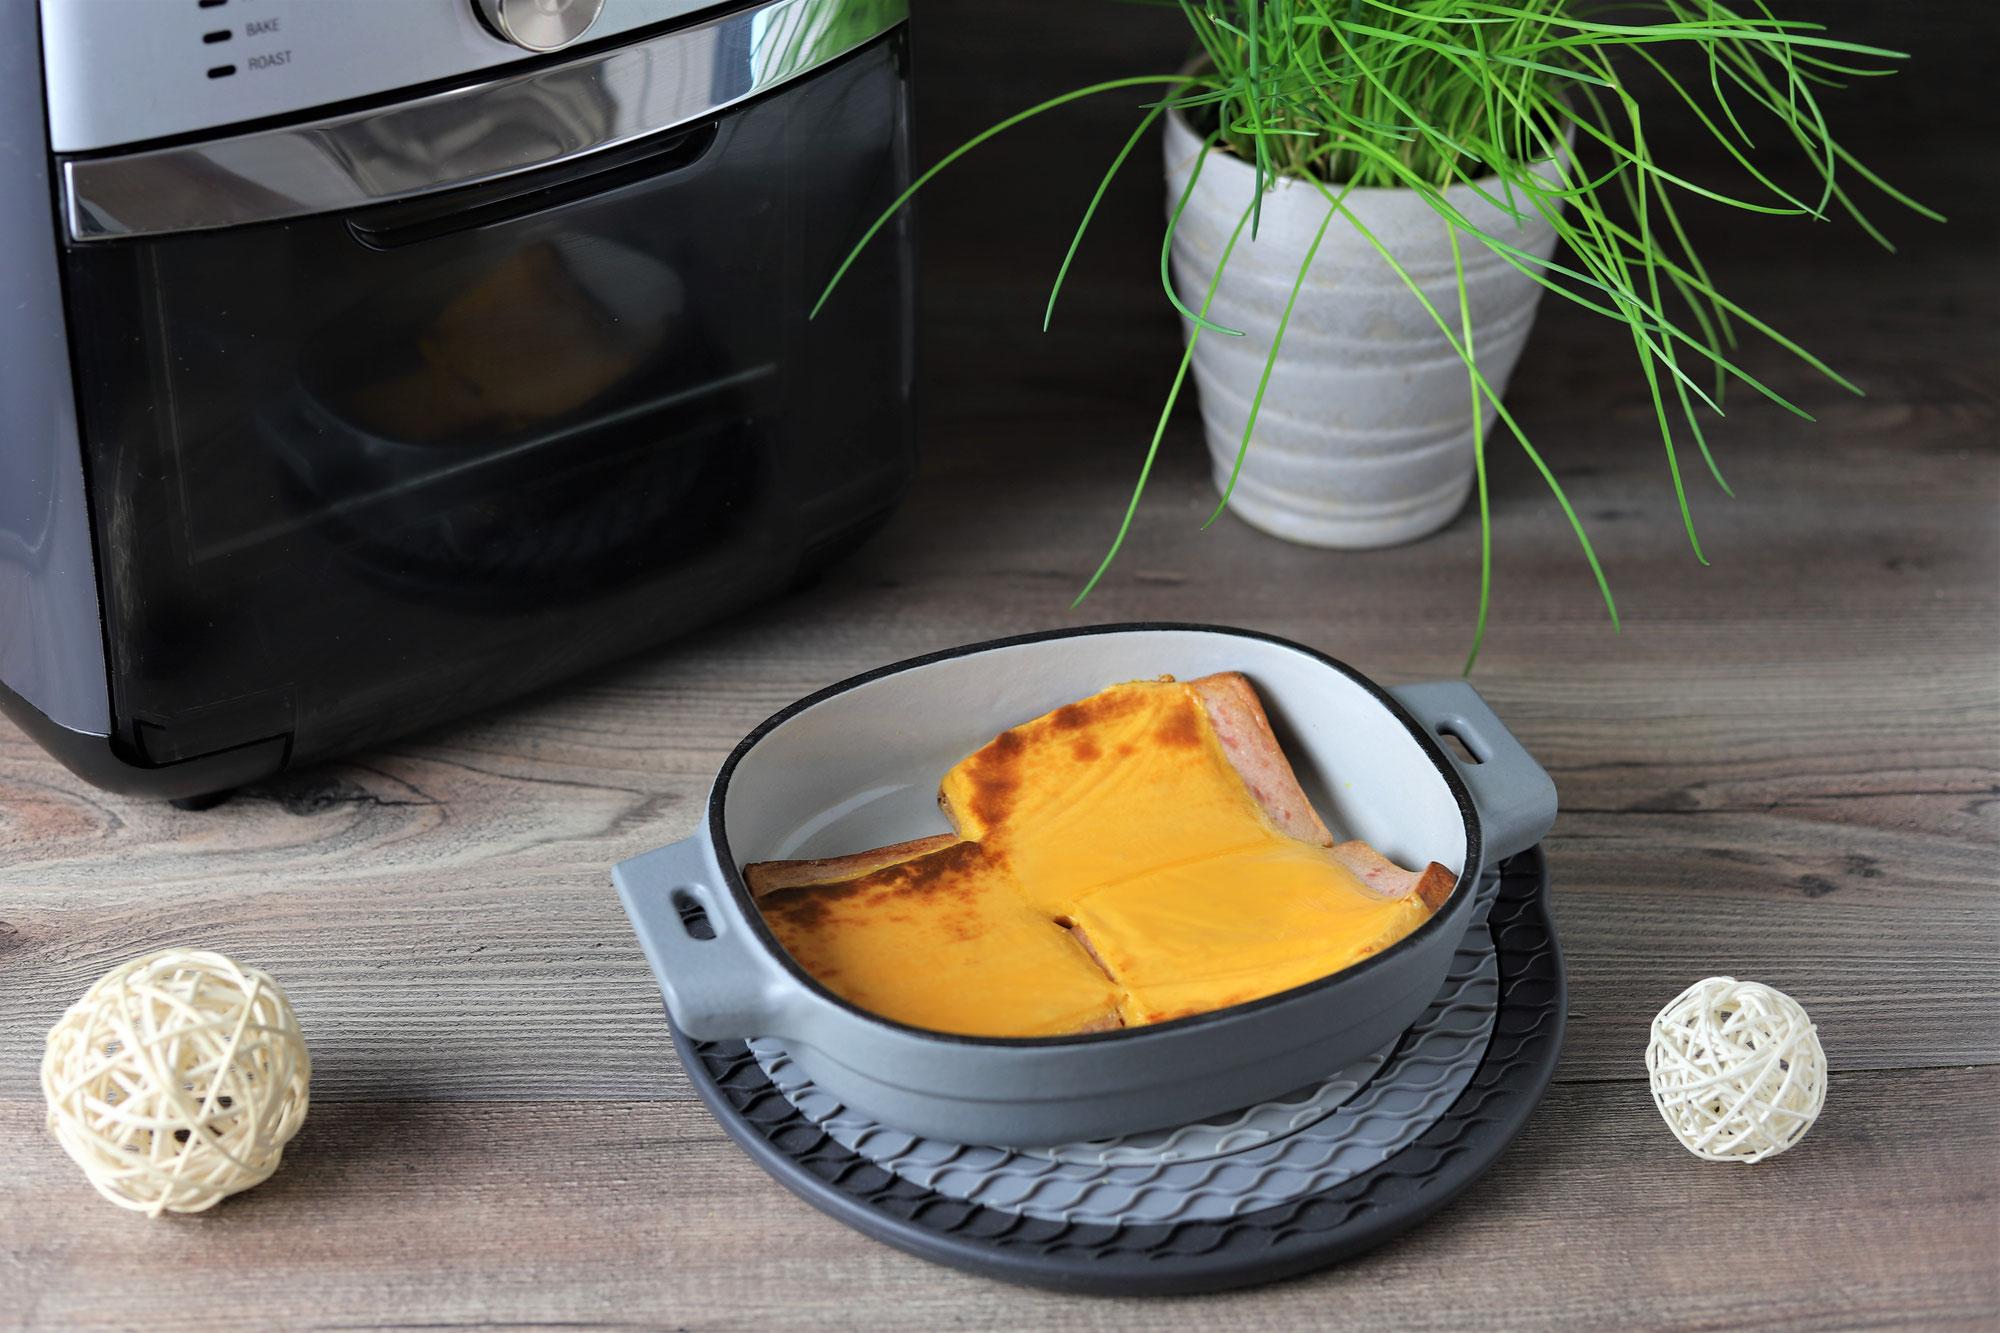 Leberkäse überbacken aus dem Baker im Deluxe Air Fryer von Pampered Chef®